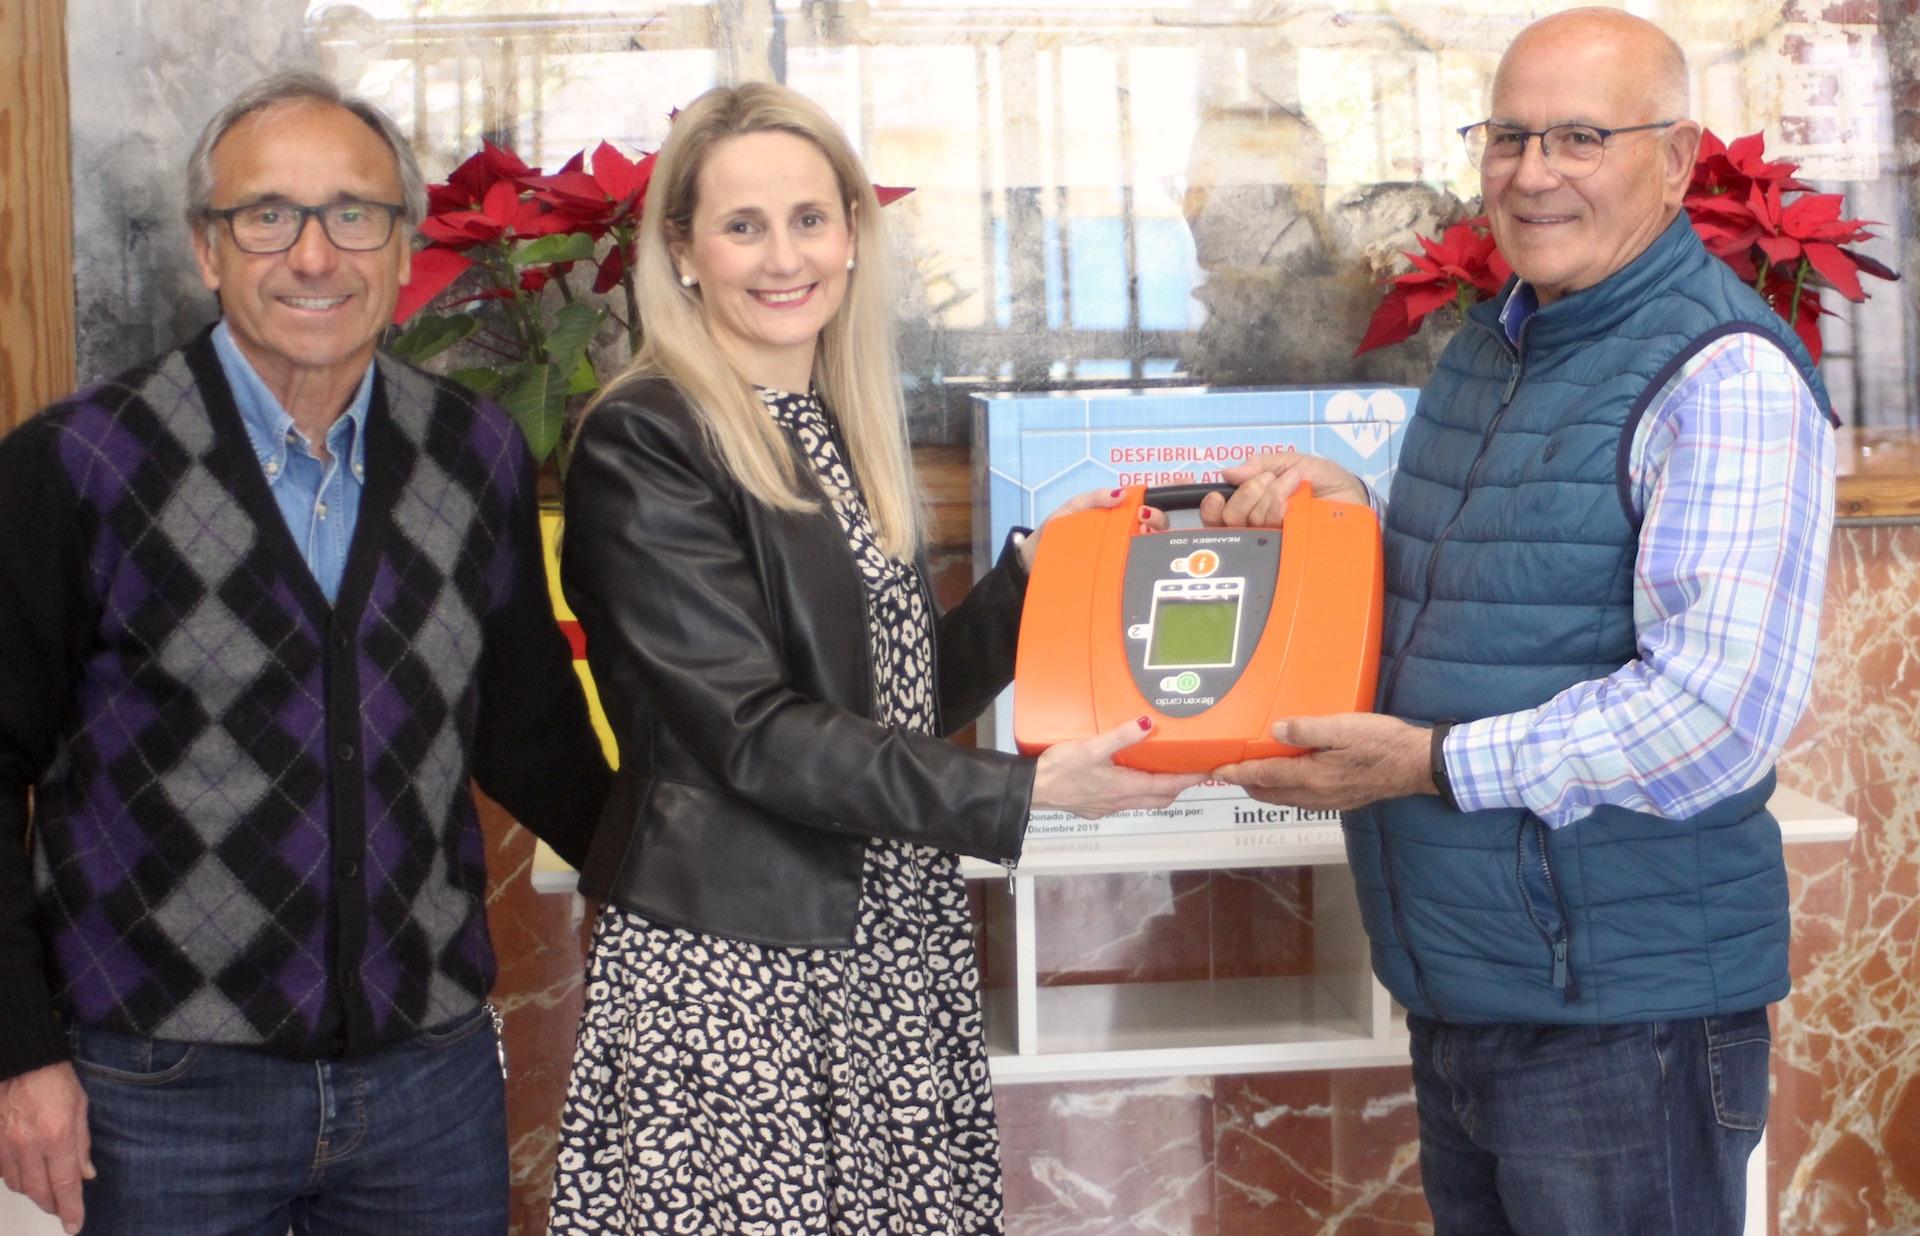 Donación de desfibrilador de INTERLEMON al Ayto. de Cehegín. 11 de marzo de 2020. Centro Cultural Adolfo Suarez.